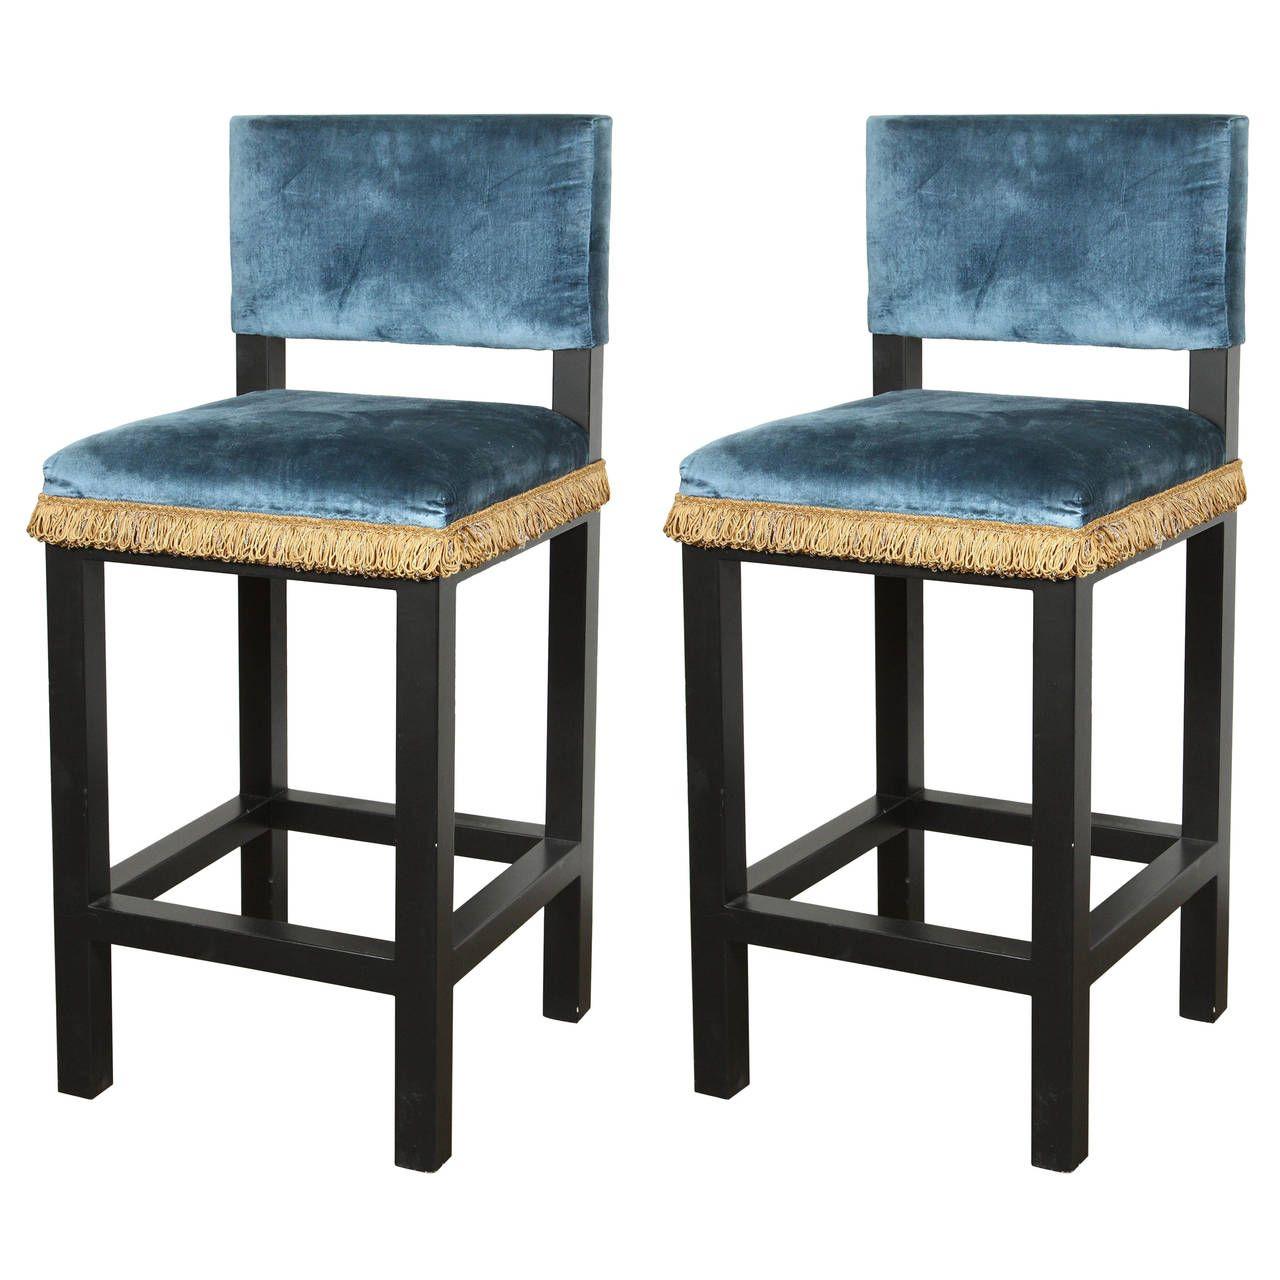 Pair Of Blue Velvet French Art Deco Style Barstools French Art Deco Bar Stools Art Deco Interior